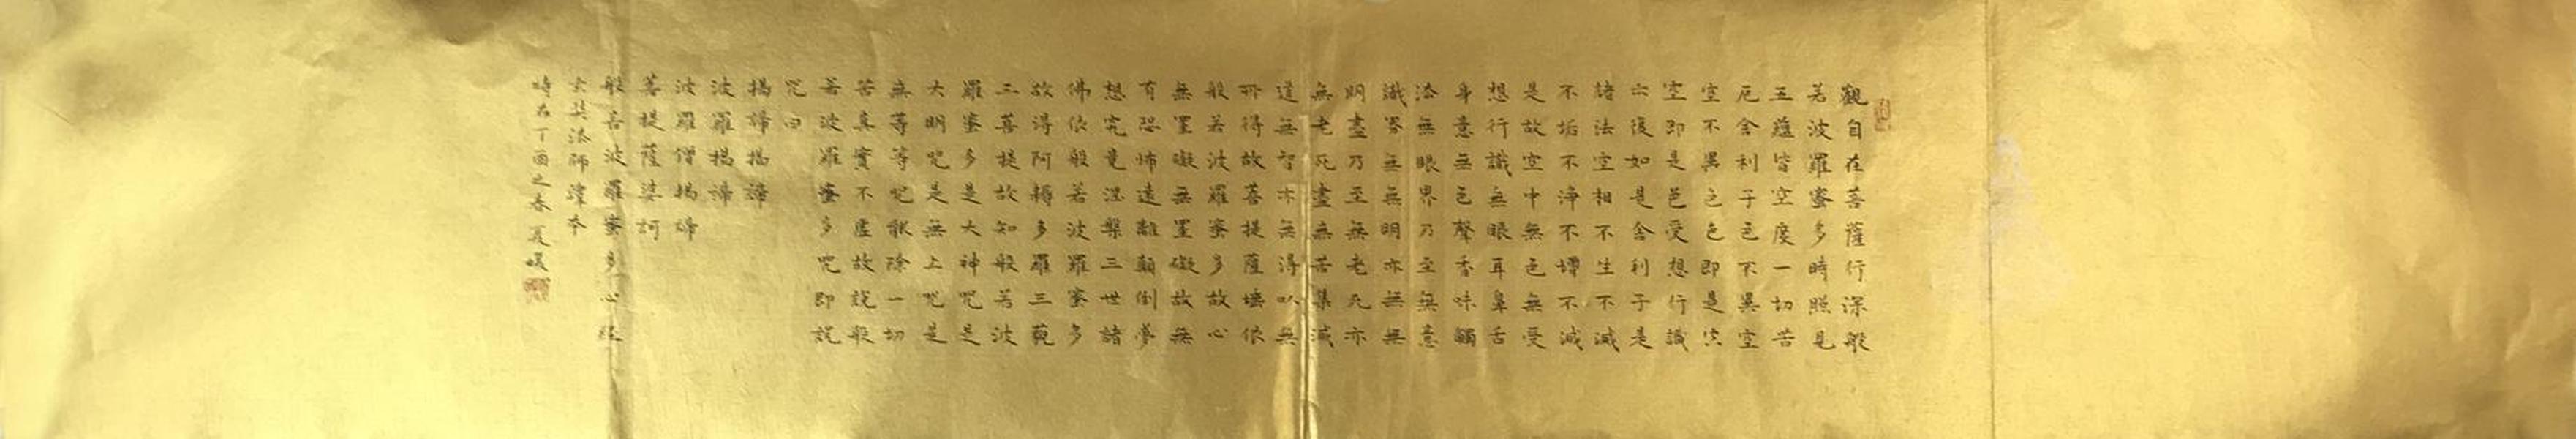 ☀【作品来自书画家本人】中国人民大学艺术学院助理导师、美协会员、书协会员夏媛 书法小楷《心经》(130×23cm)17